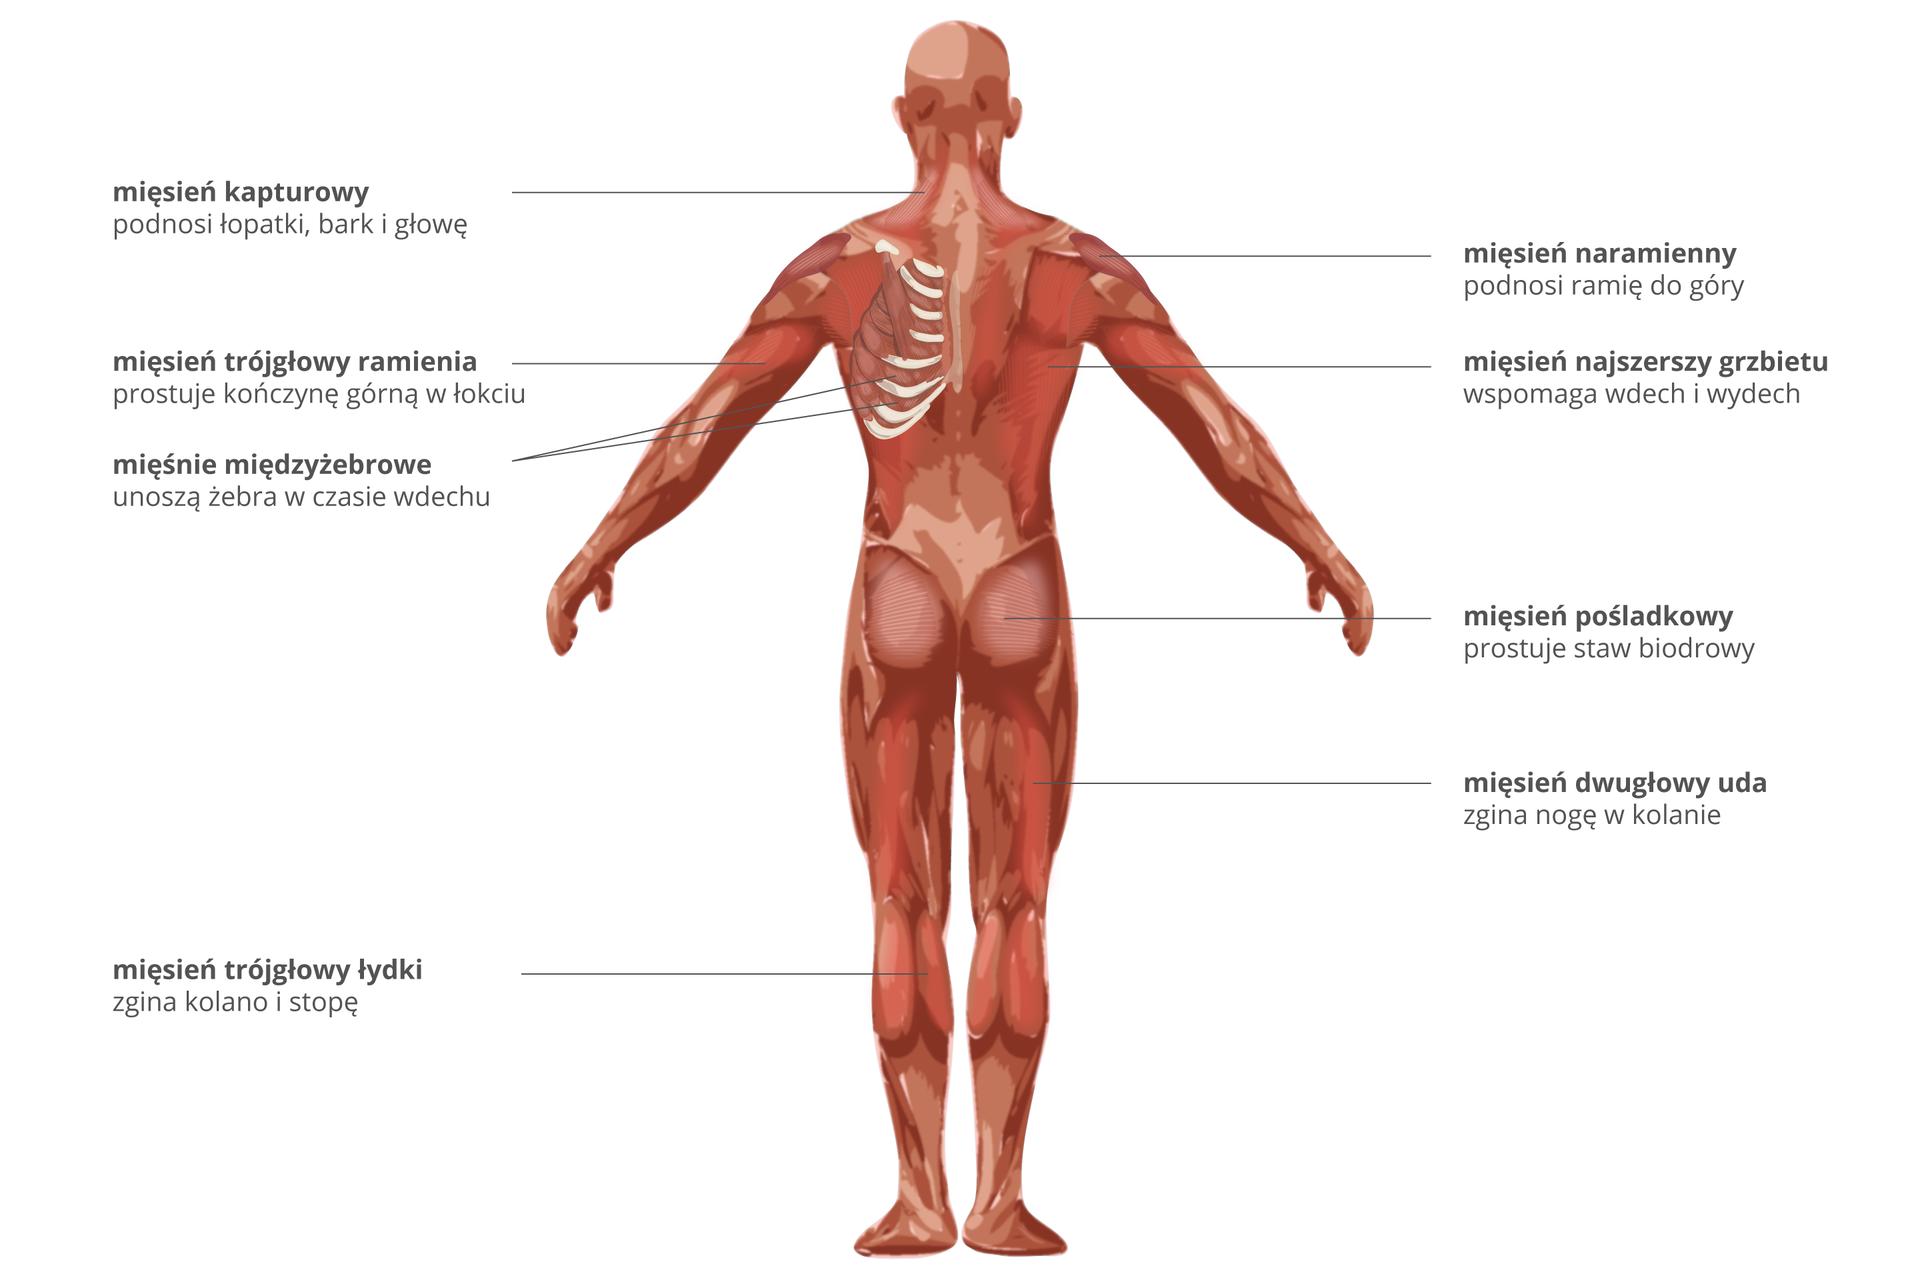 Ilustracja przedstawia mięśnie człowieka od tyłu. Podpisano od góry: mięsień kapturowy podnosi łopatki, bark igłowę. Mięsień naramienny podnosi ramię do góry. Mięsień trójgłowy ramienia prostuje rękę włokciu. Mięsień najszerszy grzbietu wspomaga wdech iwydech. Mięśnie międzyżebrowe unoszą żebra wczasie wdechu. Mięsień pośladkowy prostuje staw biodrowy. Mięsień dwugłowy uda zgina nogę wkolanie. Mięsień trójgłowy łydki zgina kolano istopę.